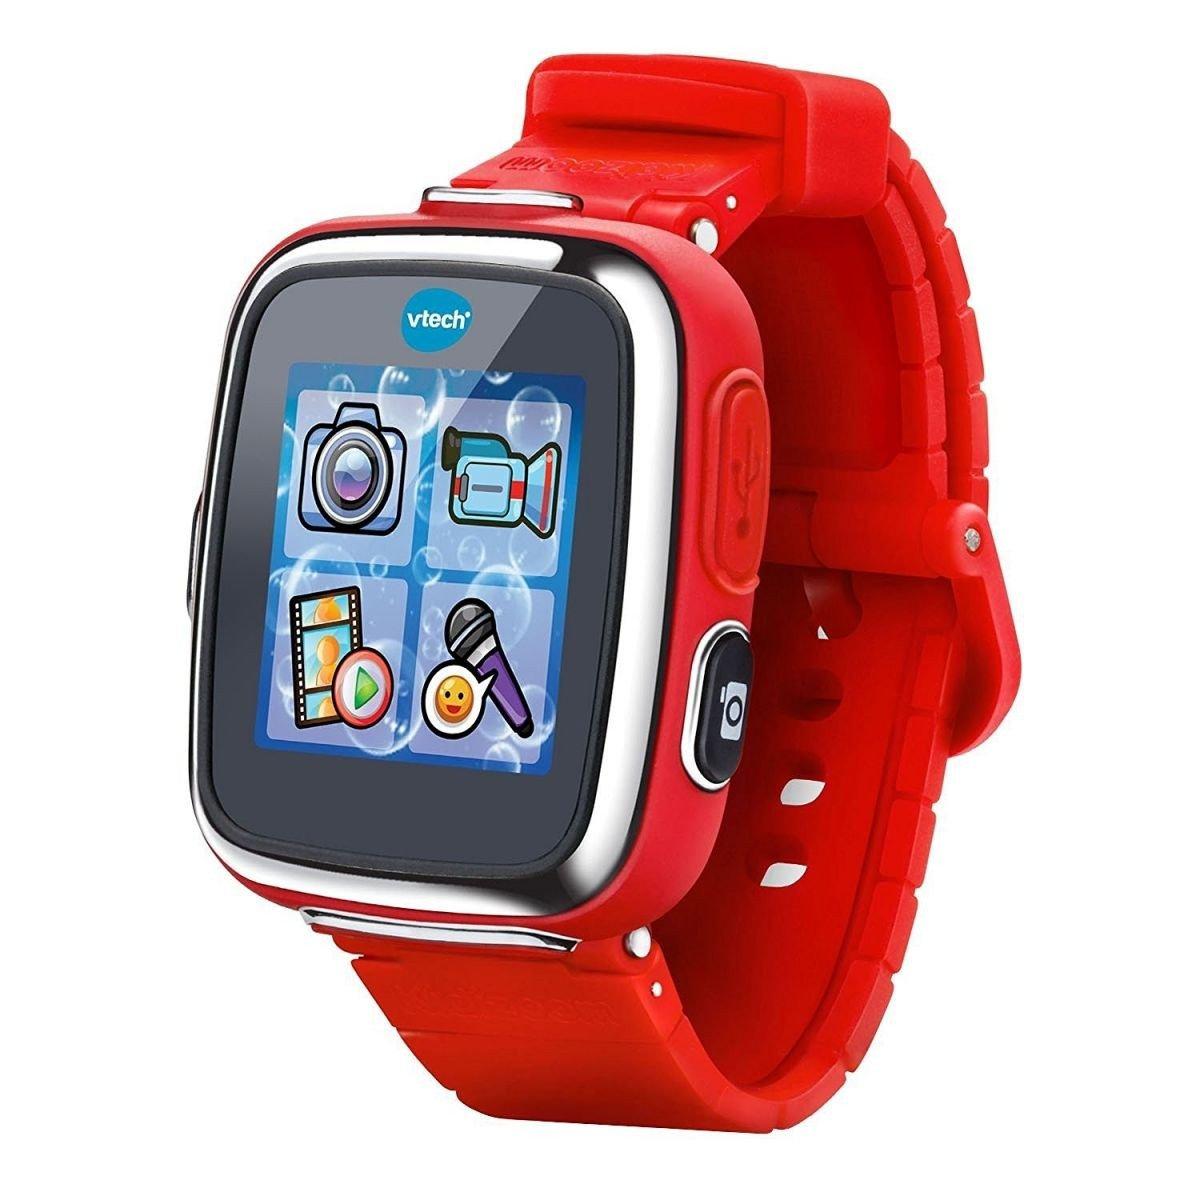 VTech Kidizoom Smart Watch 2 Uhr Armbanduhr für Kinder in rot für 40,98 inkl Versand